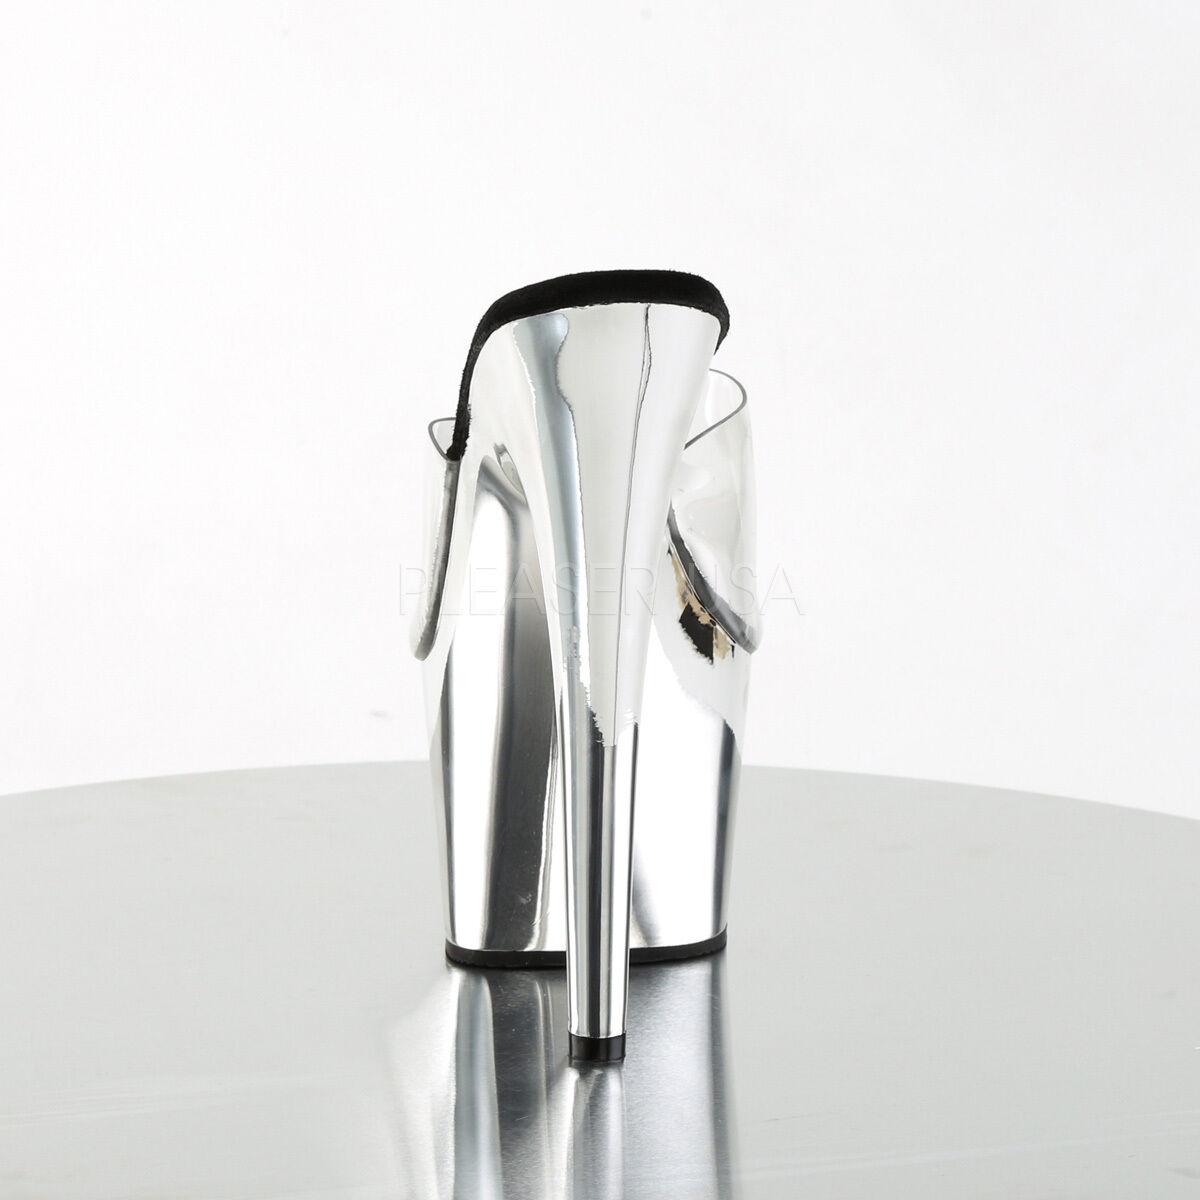 PLEASER Sexy Metallic Silver Chrome Platform 7 7 7  High Heels Stripper Dancer shoes 1c674e